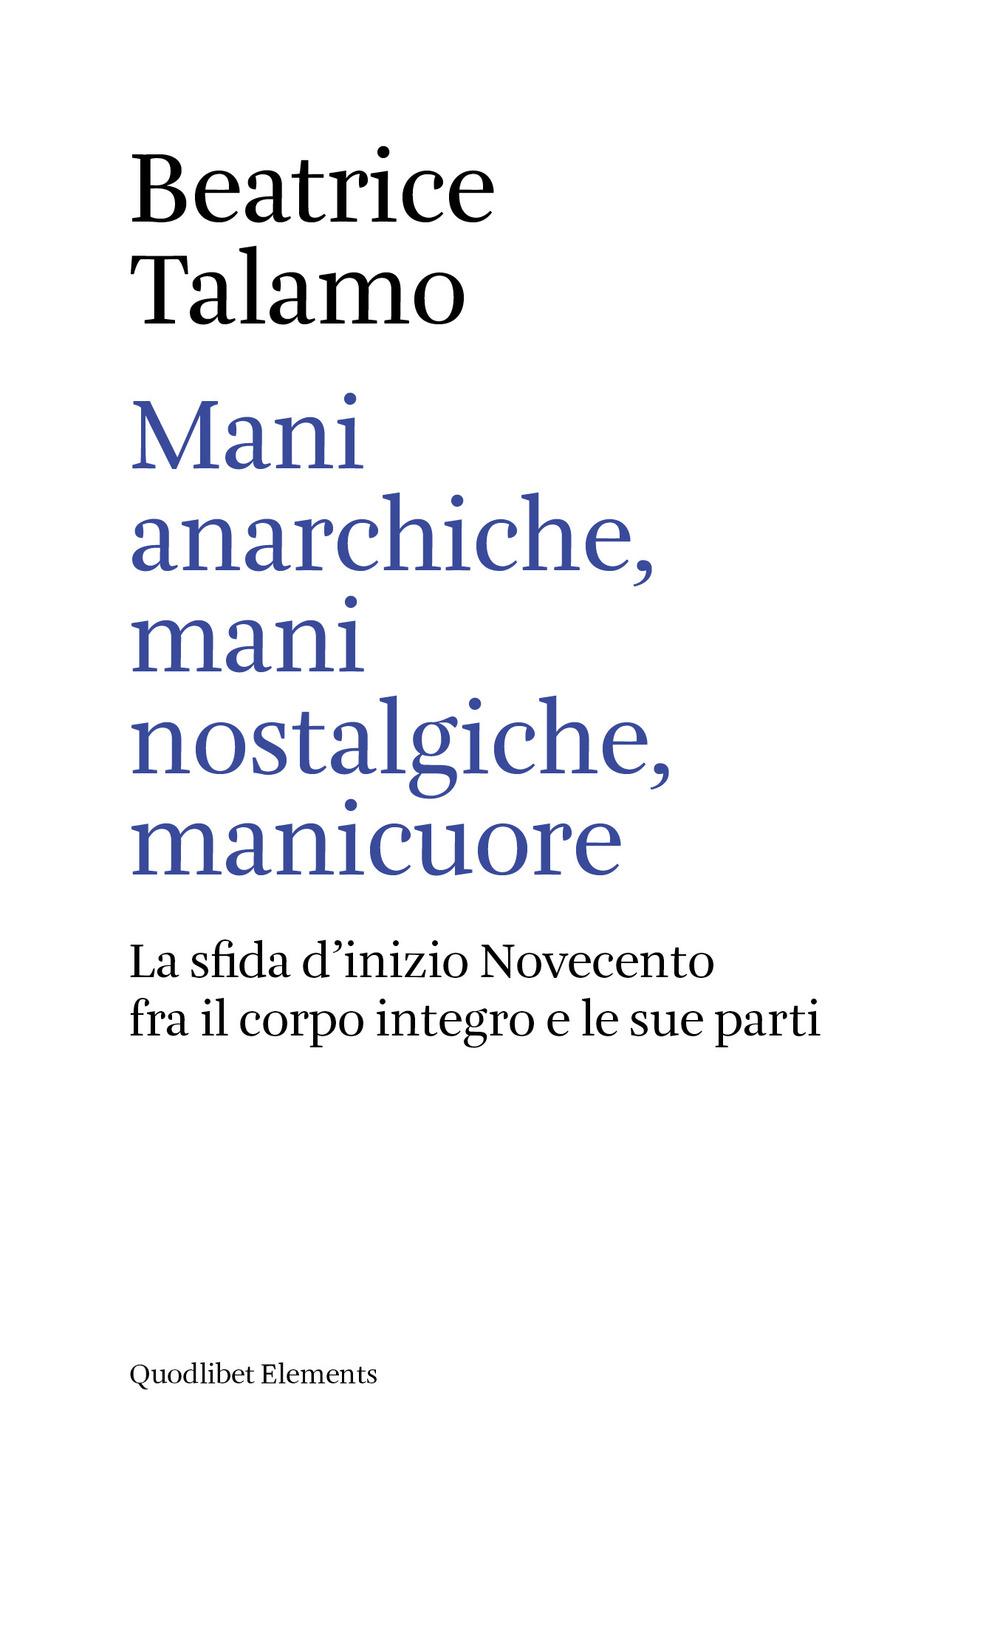 MANI ANARCHICHE, MANI NOSTALGICHE, MANICUORE - Talamo Beatrice - 9788822906717